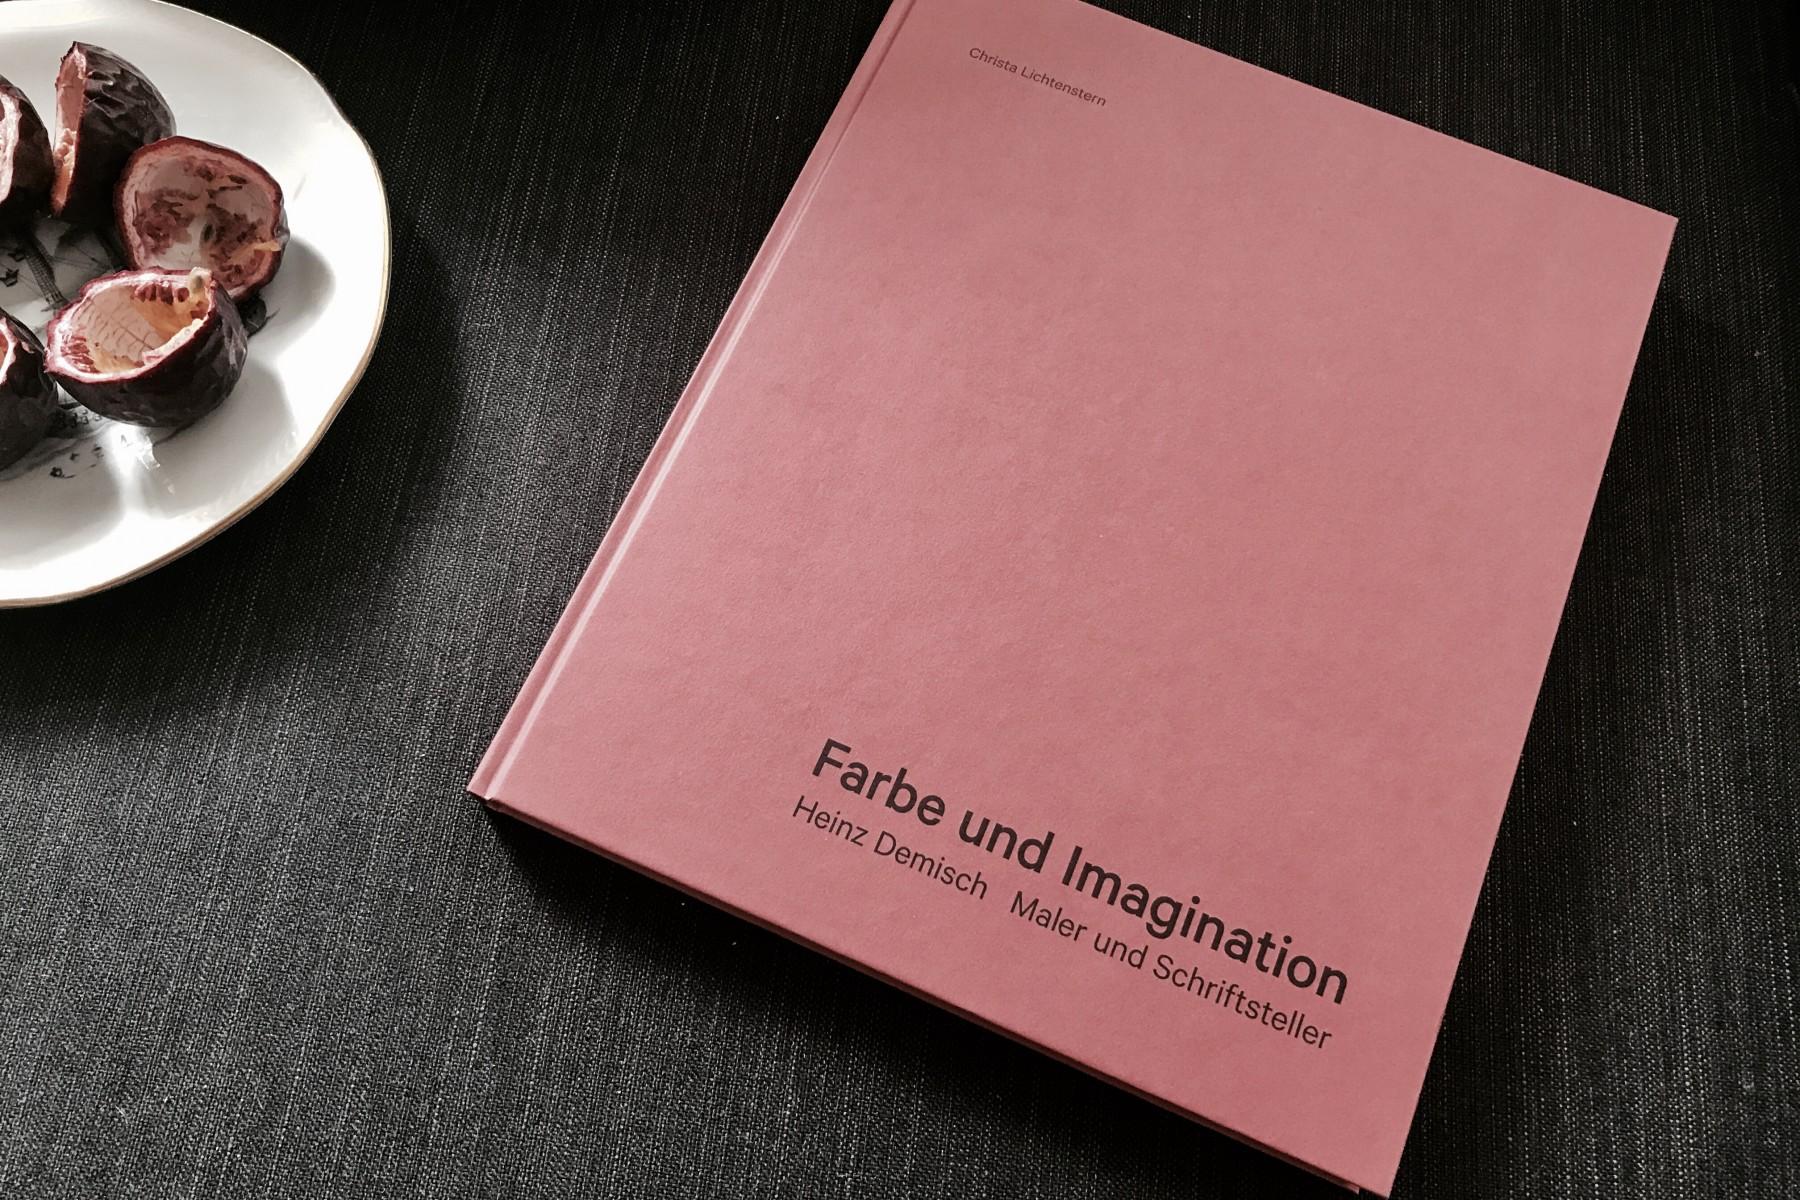 Farbe und Imagination. Heinz Demisch – Maler und Schriftsteller